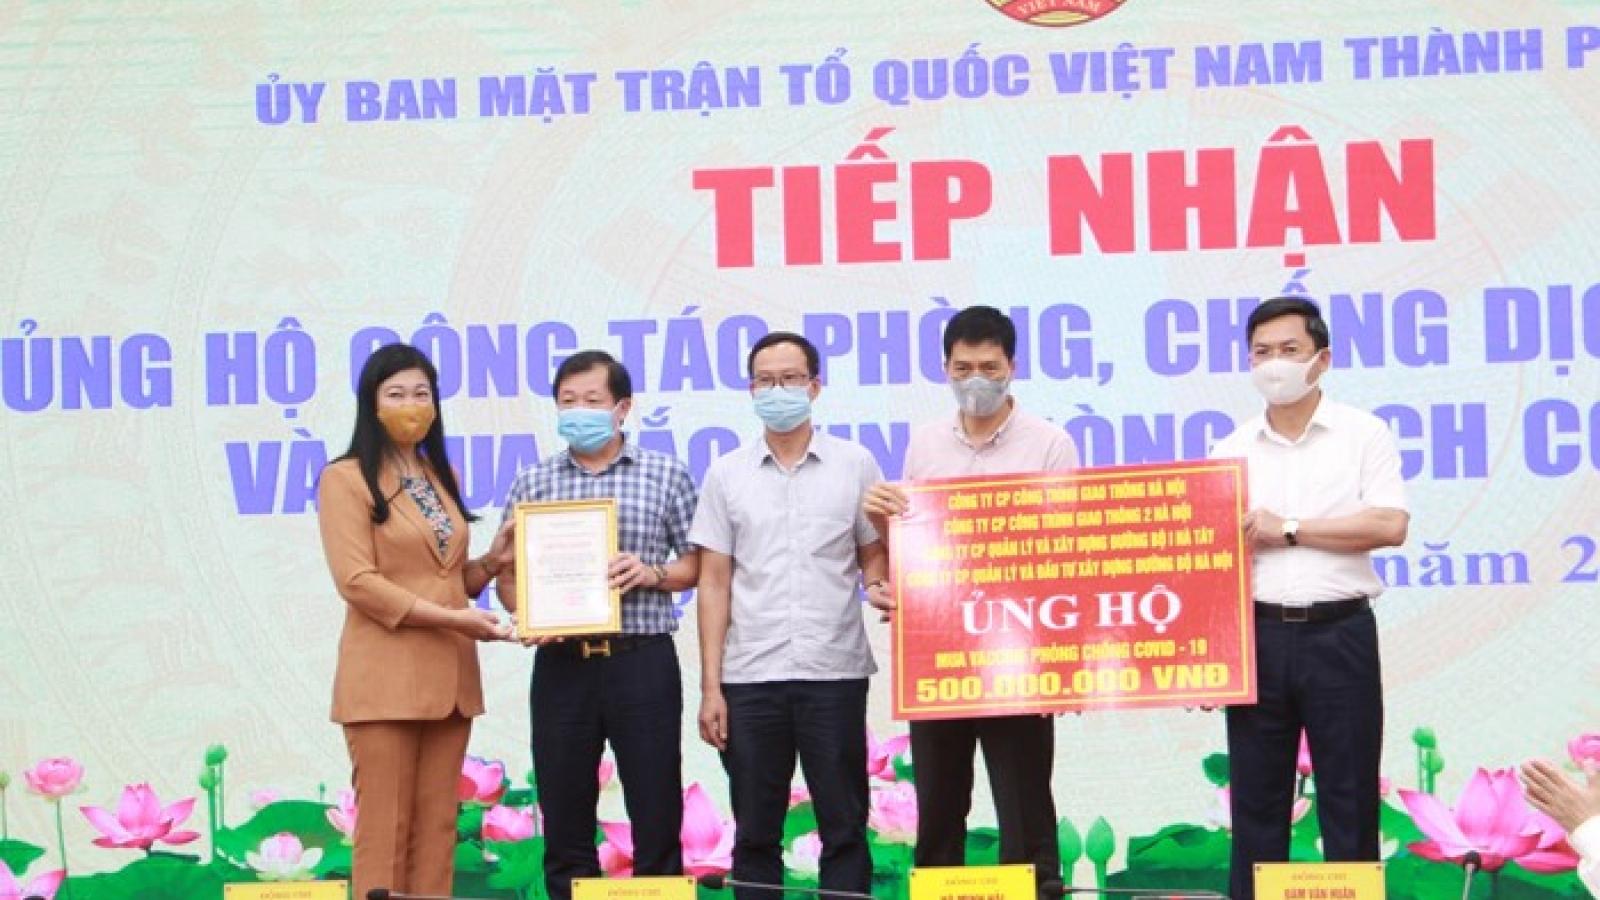 Hà Nội tiếp nhận hơn 20 tỷ đồng ủng hộ mua vaccine Covid-19